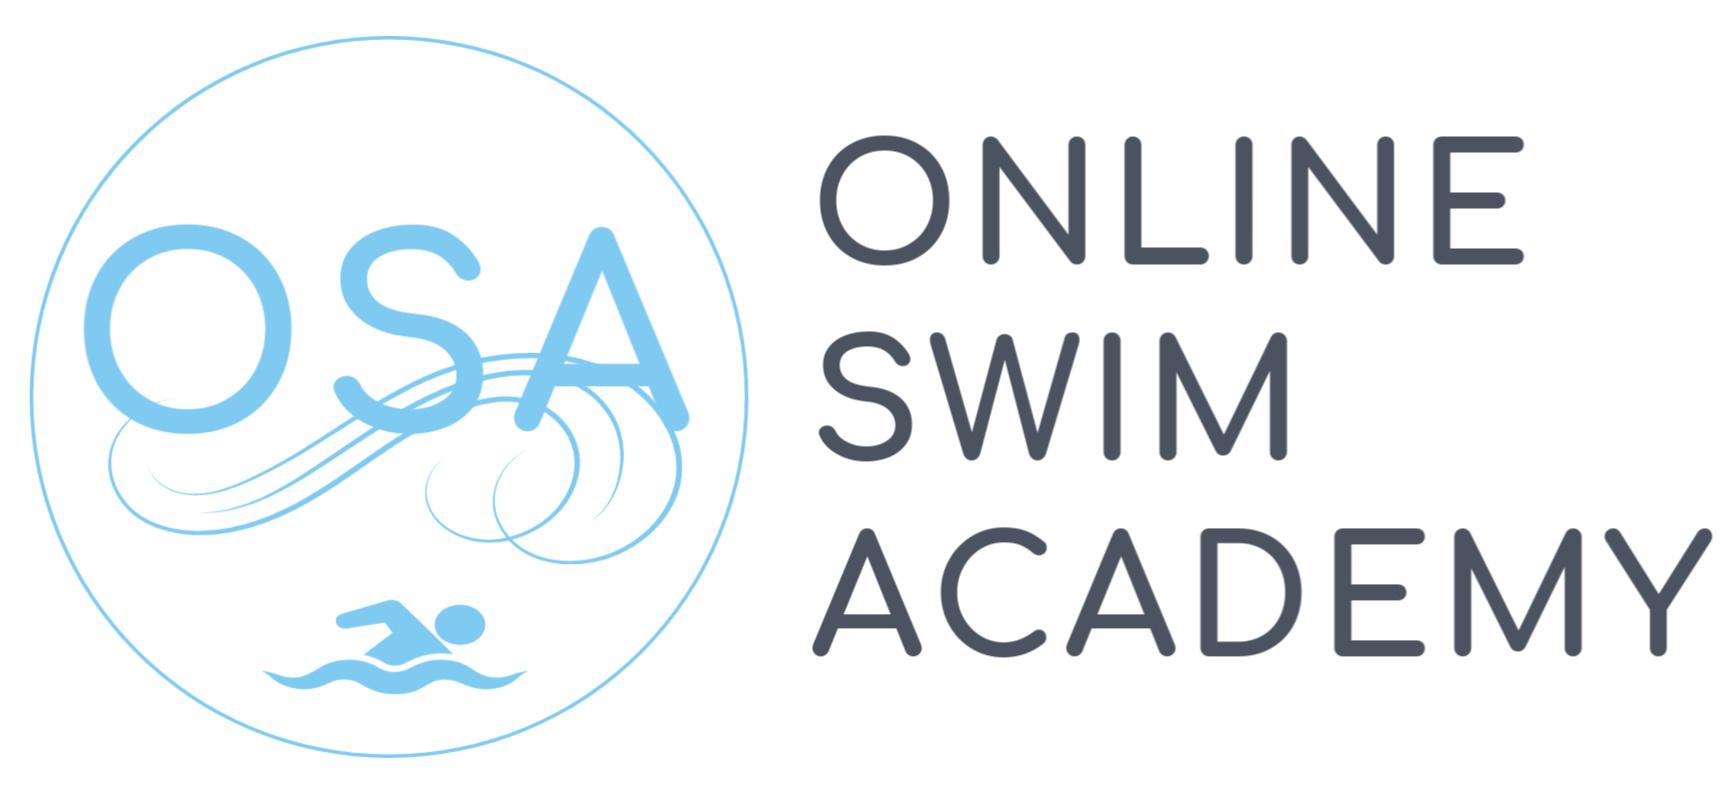 Tessa Rhodes online swim teacher training